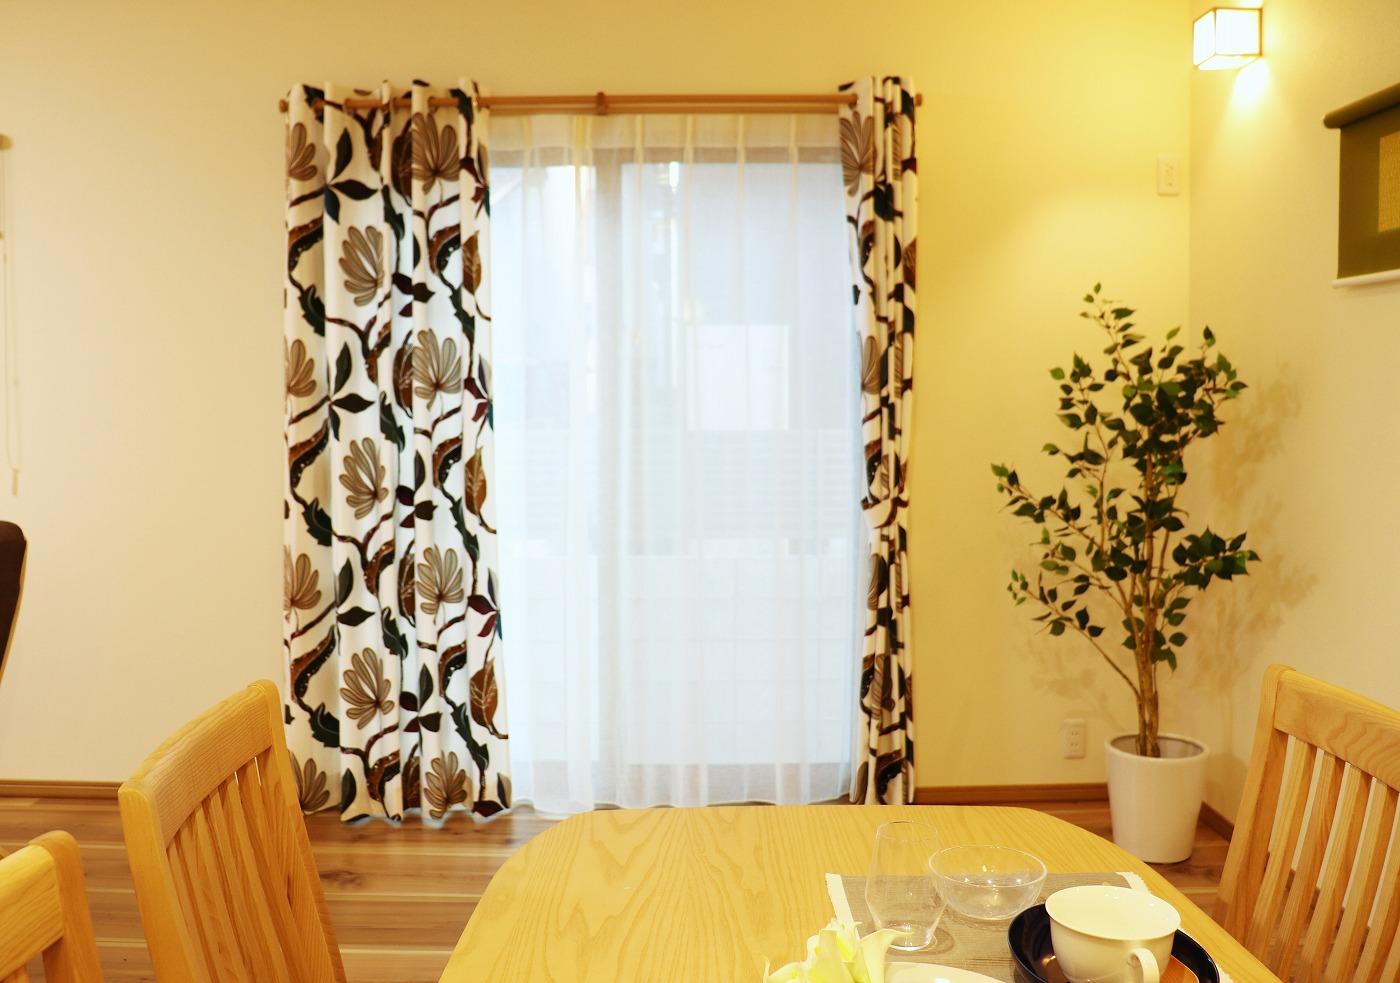 高松市木太町の新築分譲住宅のリビングカーテン